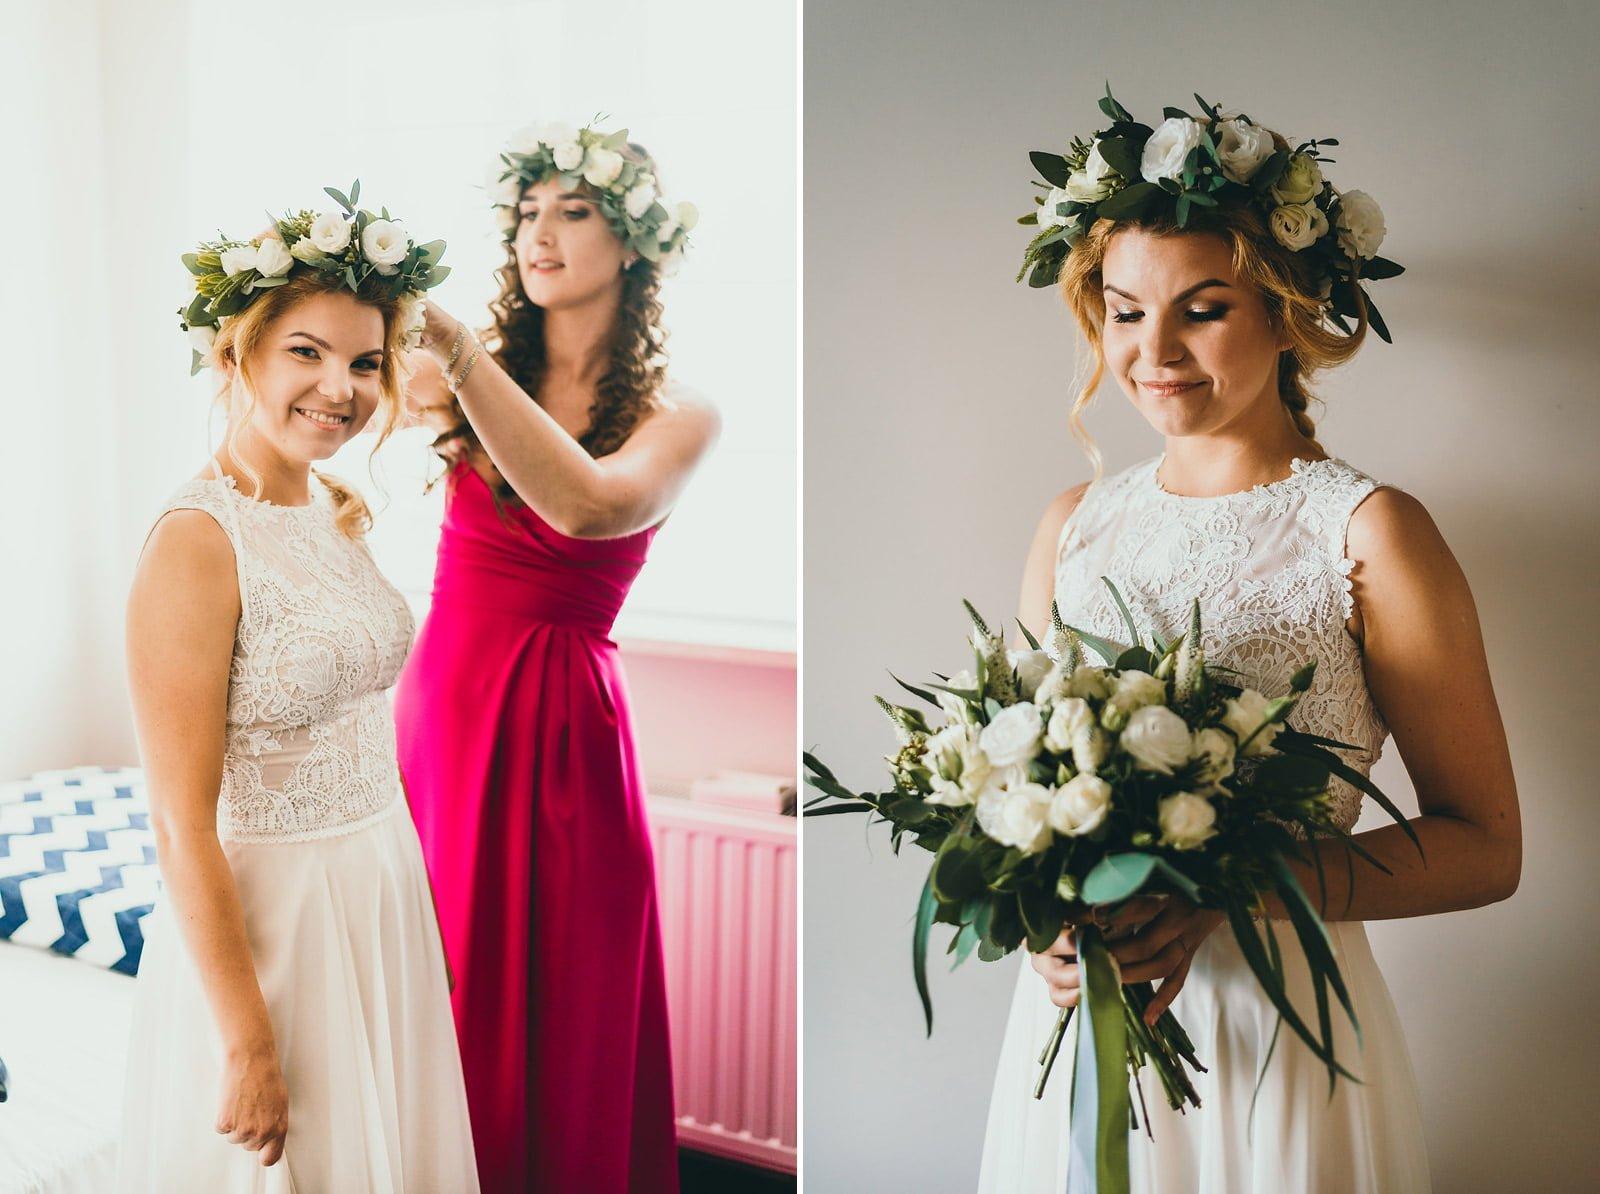 Justyna i Szymon - plenerowy ślub w stylu boho 11